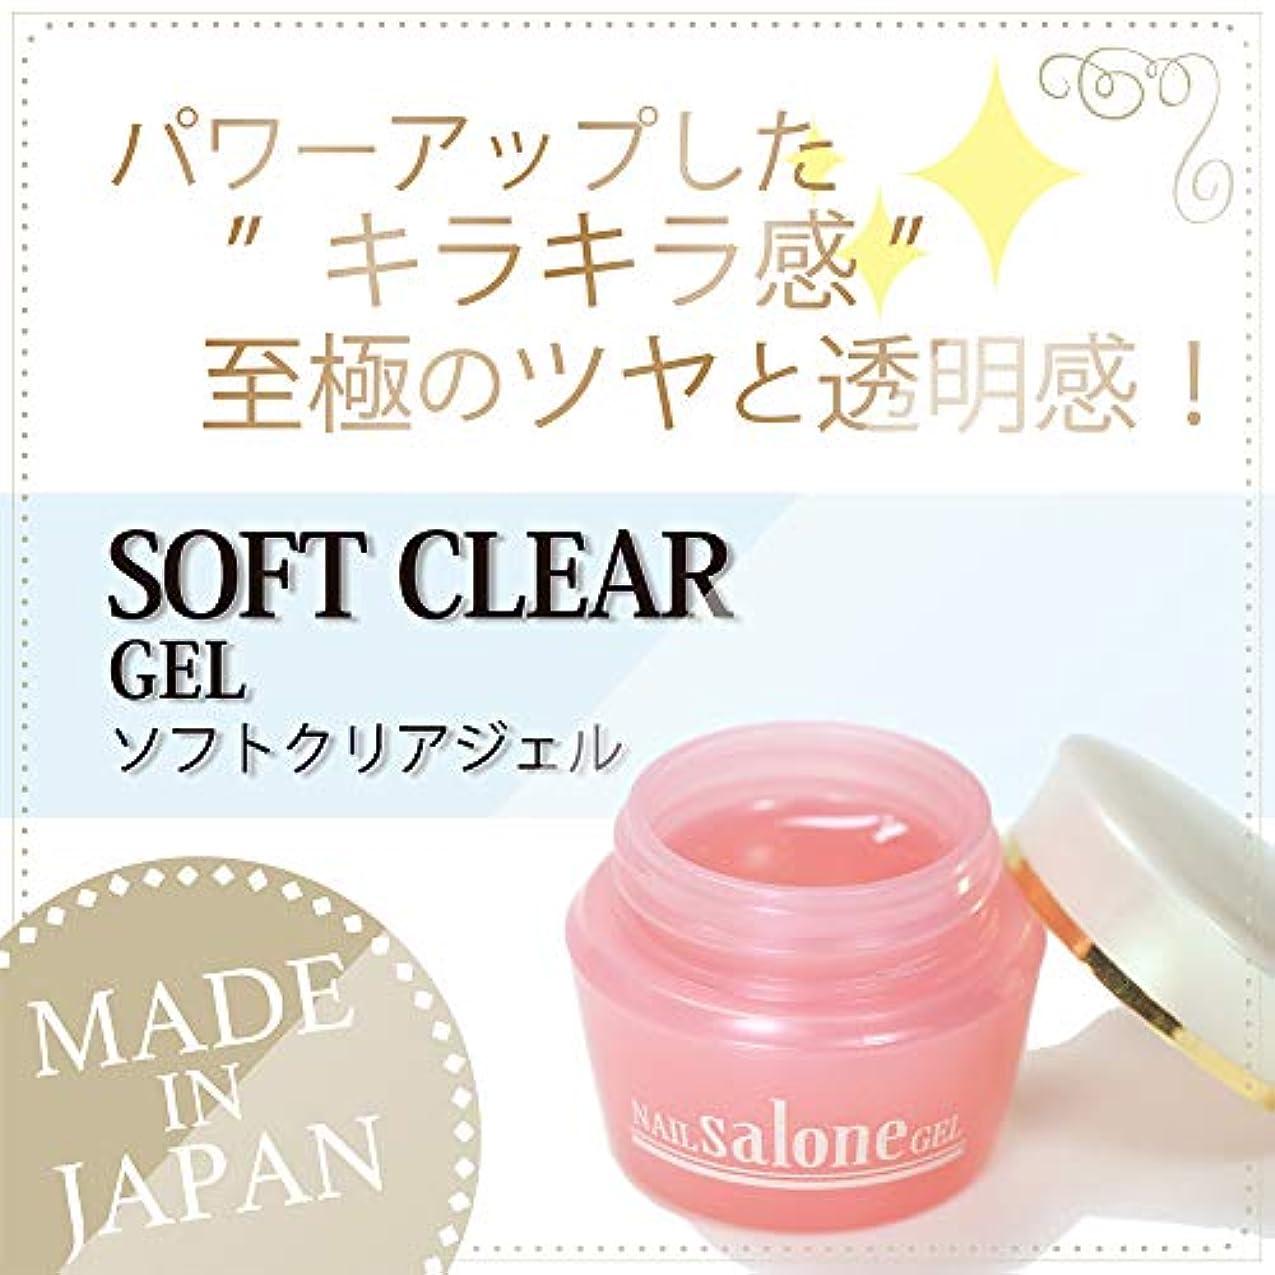 オセアニアゴミ箱ゴールSalone gel サローネ ソフトクリアージェル ツヤツヤ キラキラ感持続 抜群のツヤ 爪に優しい日本製 3g